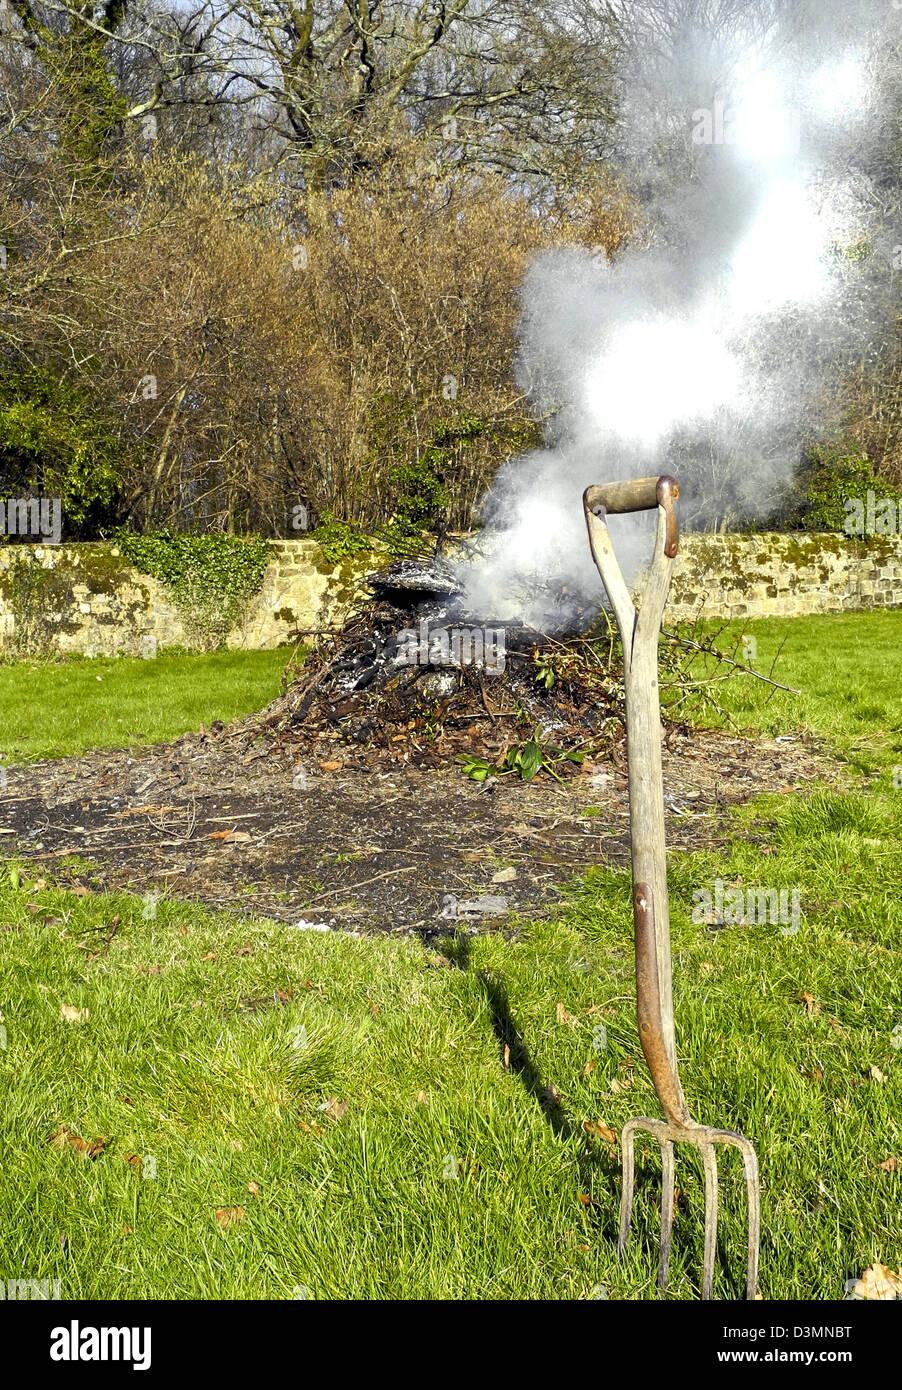 A garden bonfire - burning garden waste - Stock Image